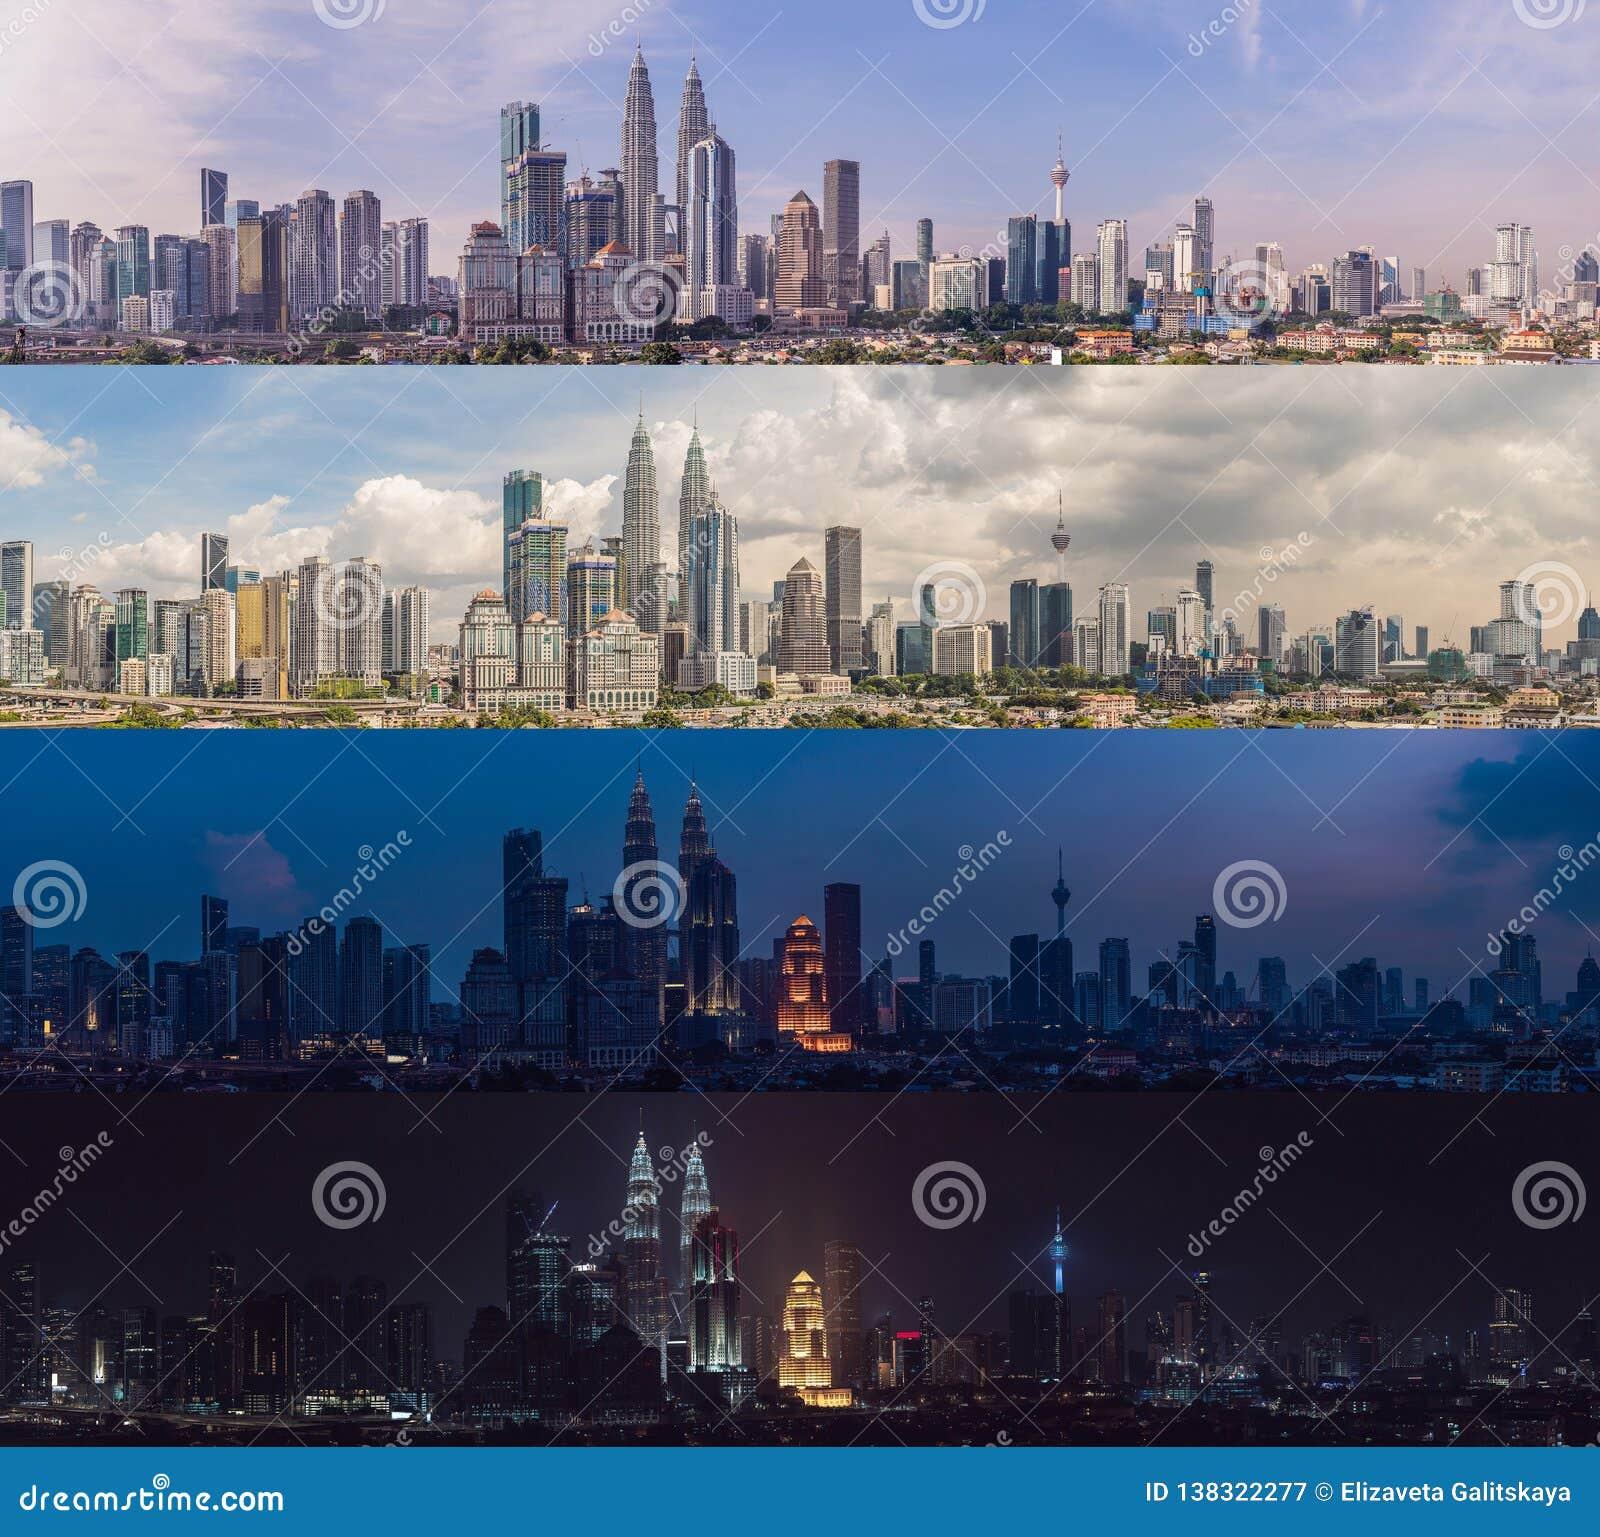 De Avondnacht van de ochtendmiddag Keer vier van dag Kuala Lumpur-horizon, mening van de stad, wolkenkrabbers met mooi